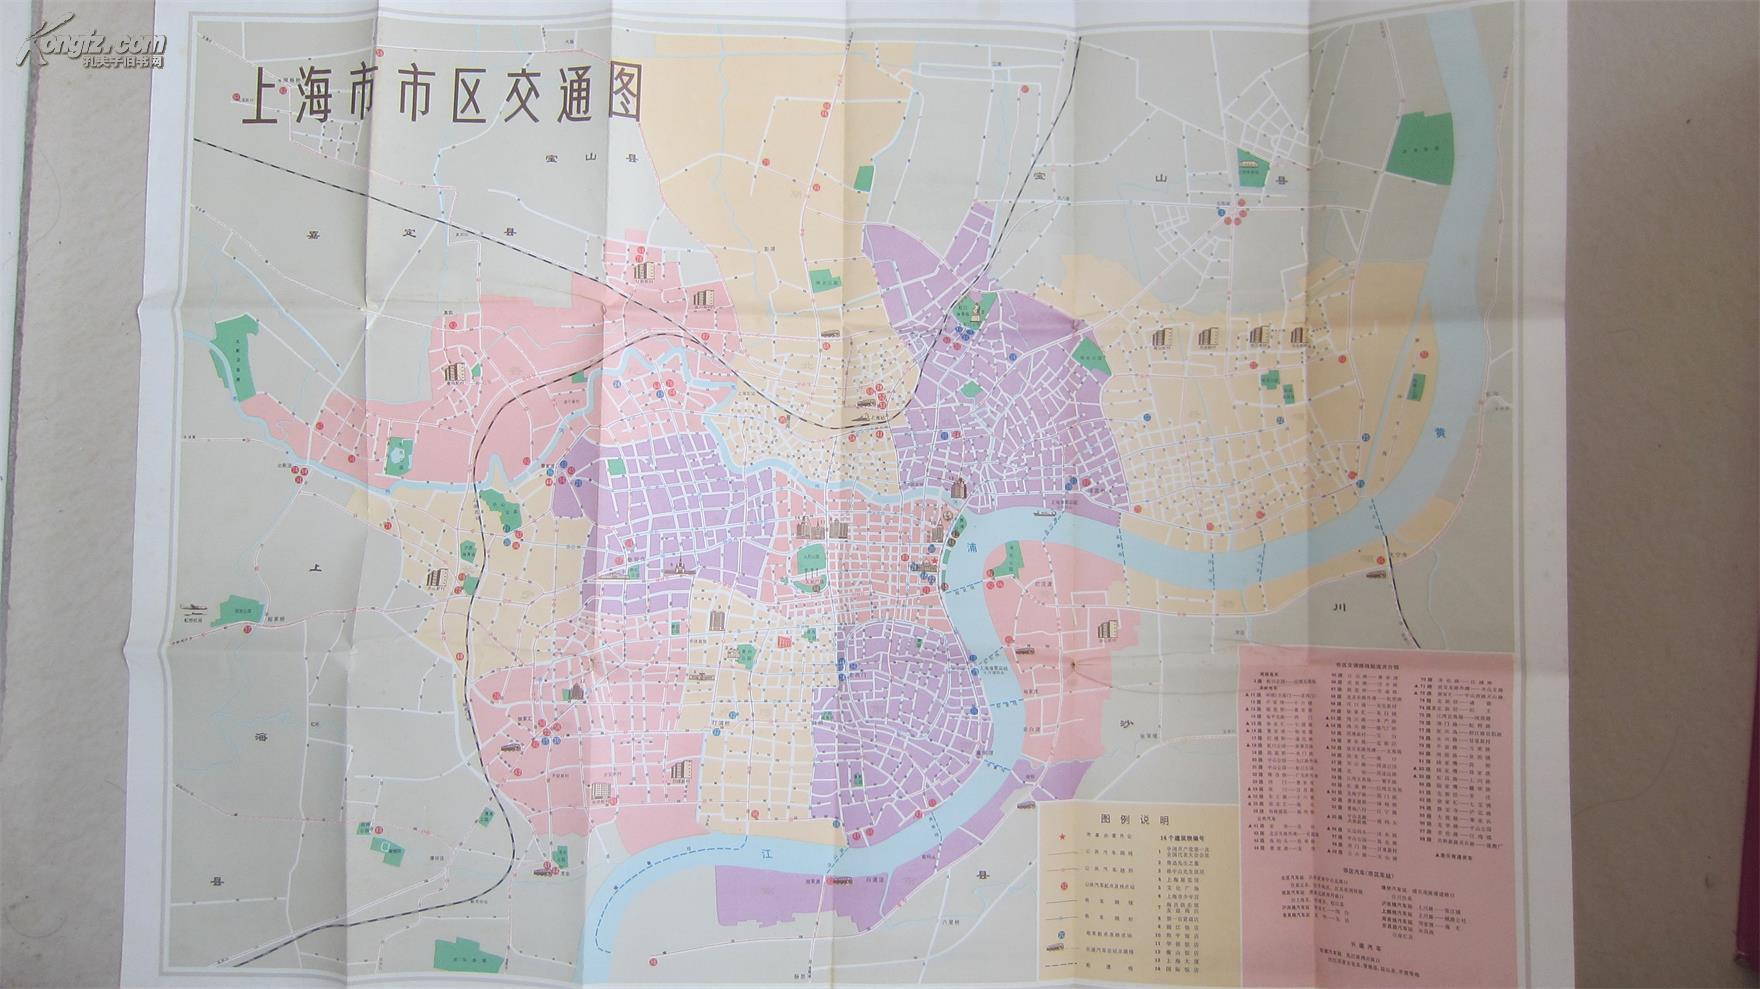 【图】老地图 上海市区交通地图